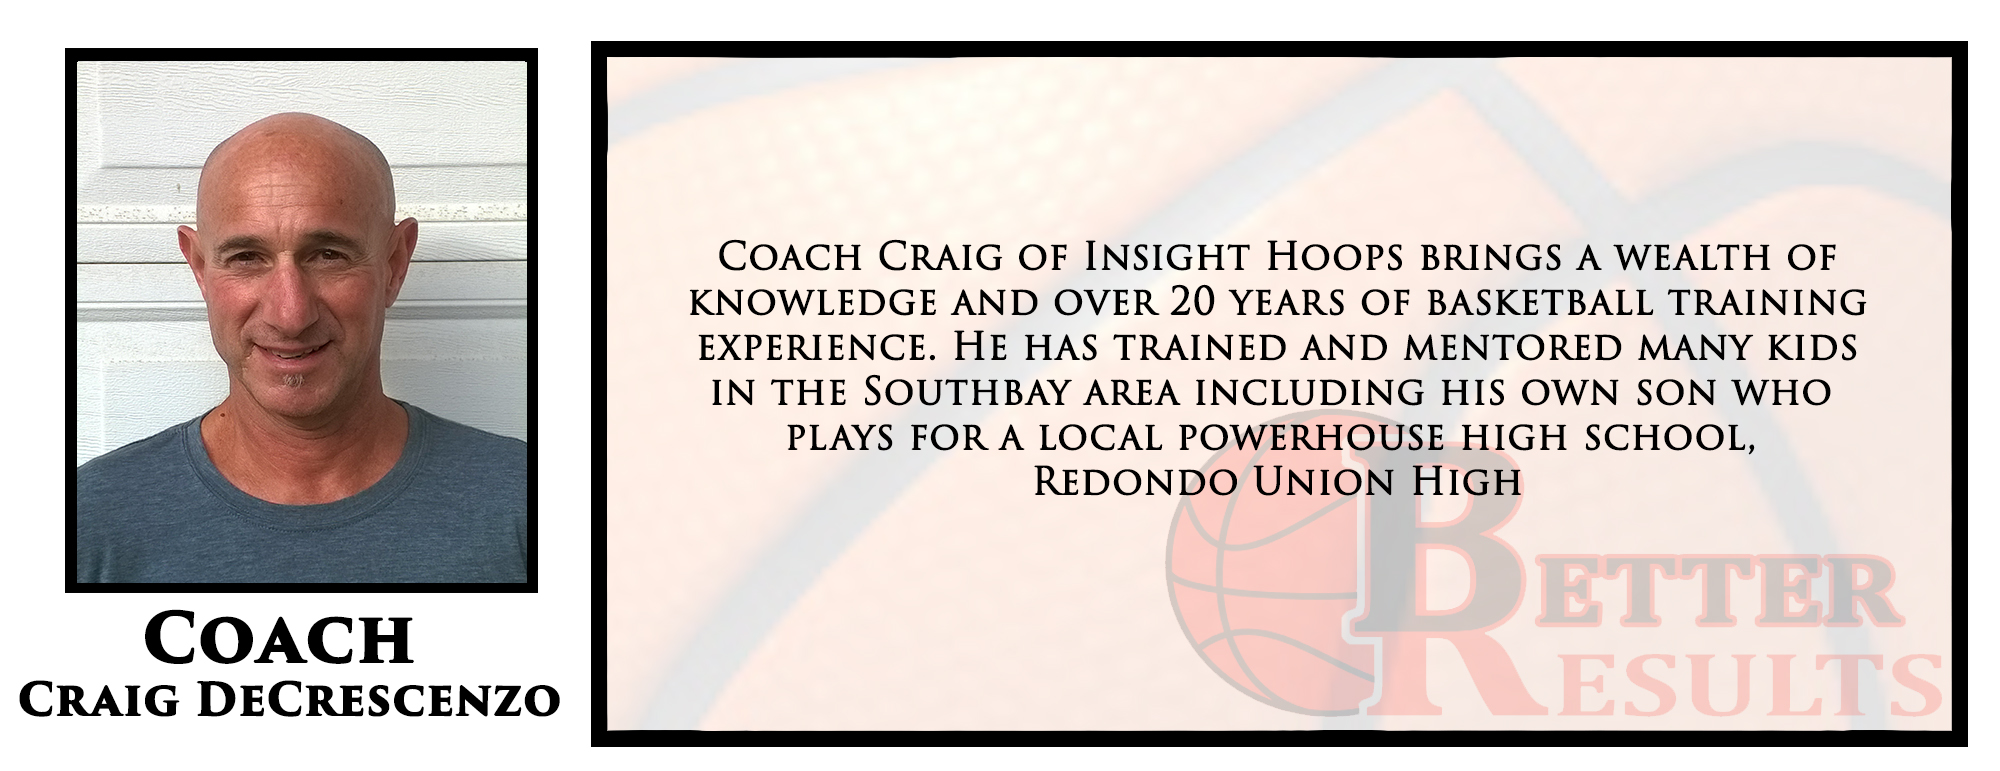 coach craig